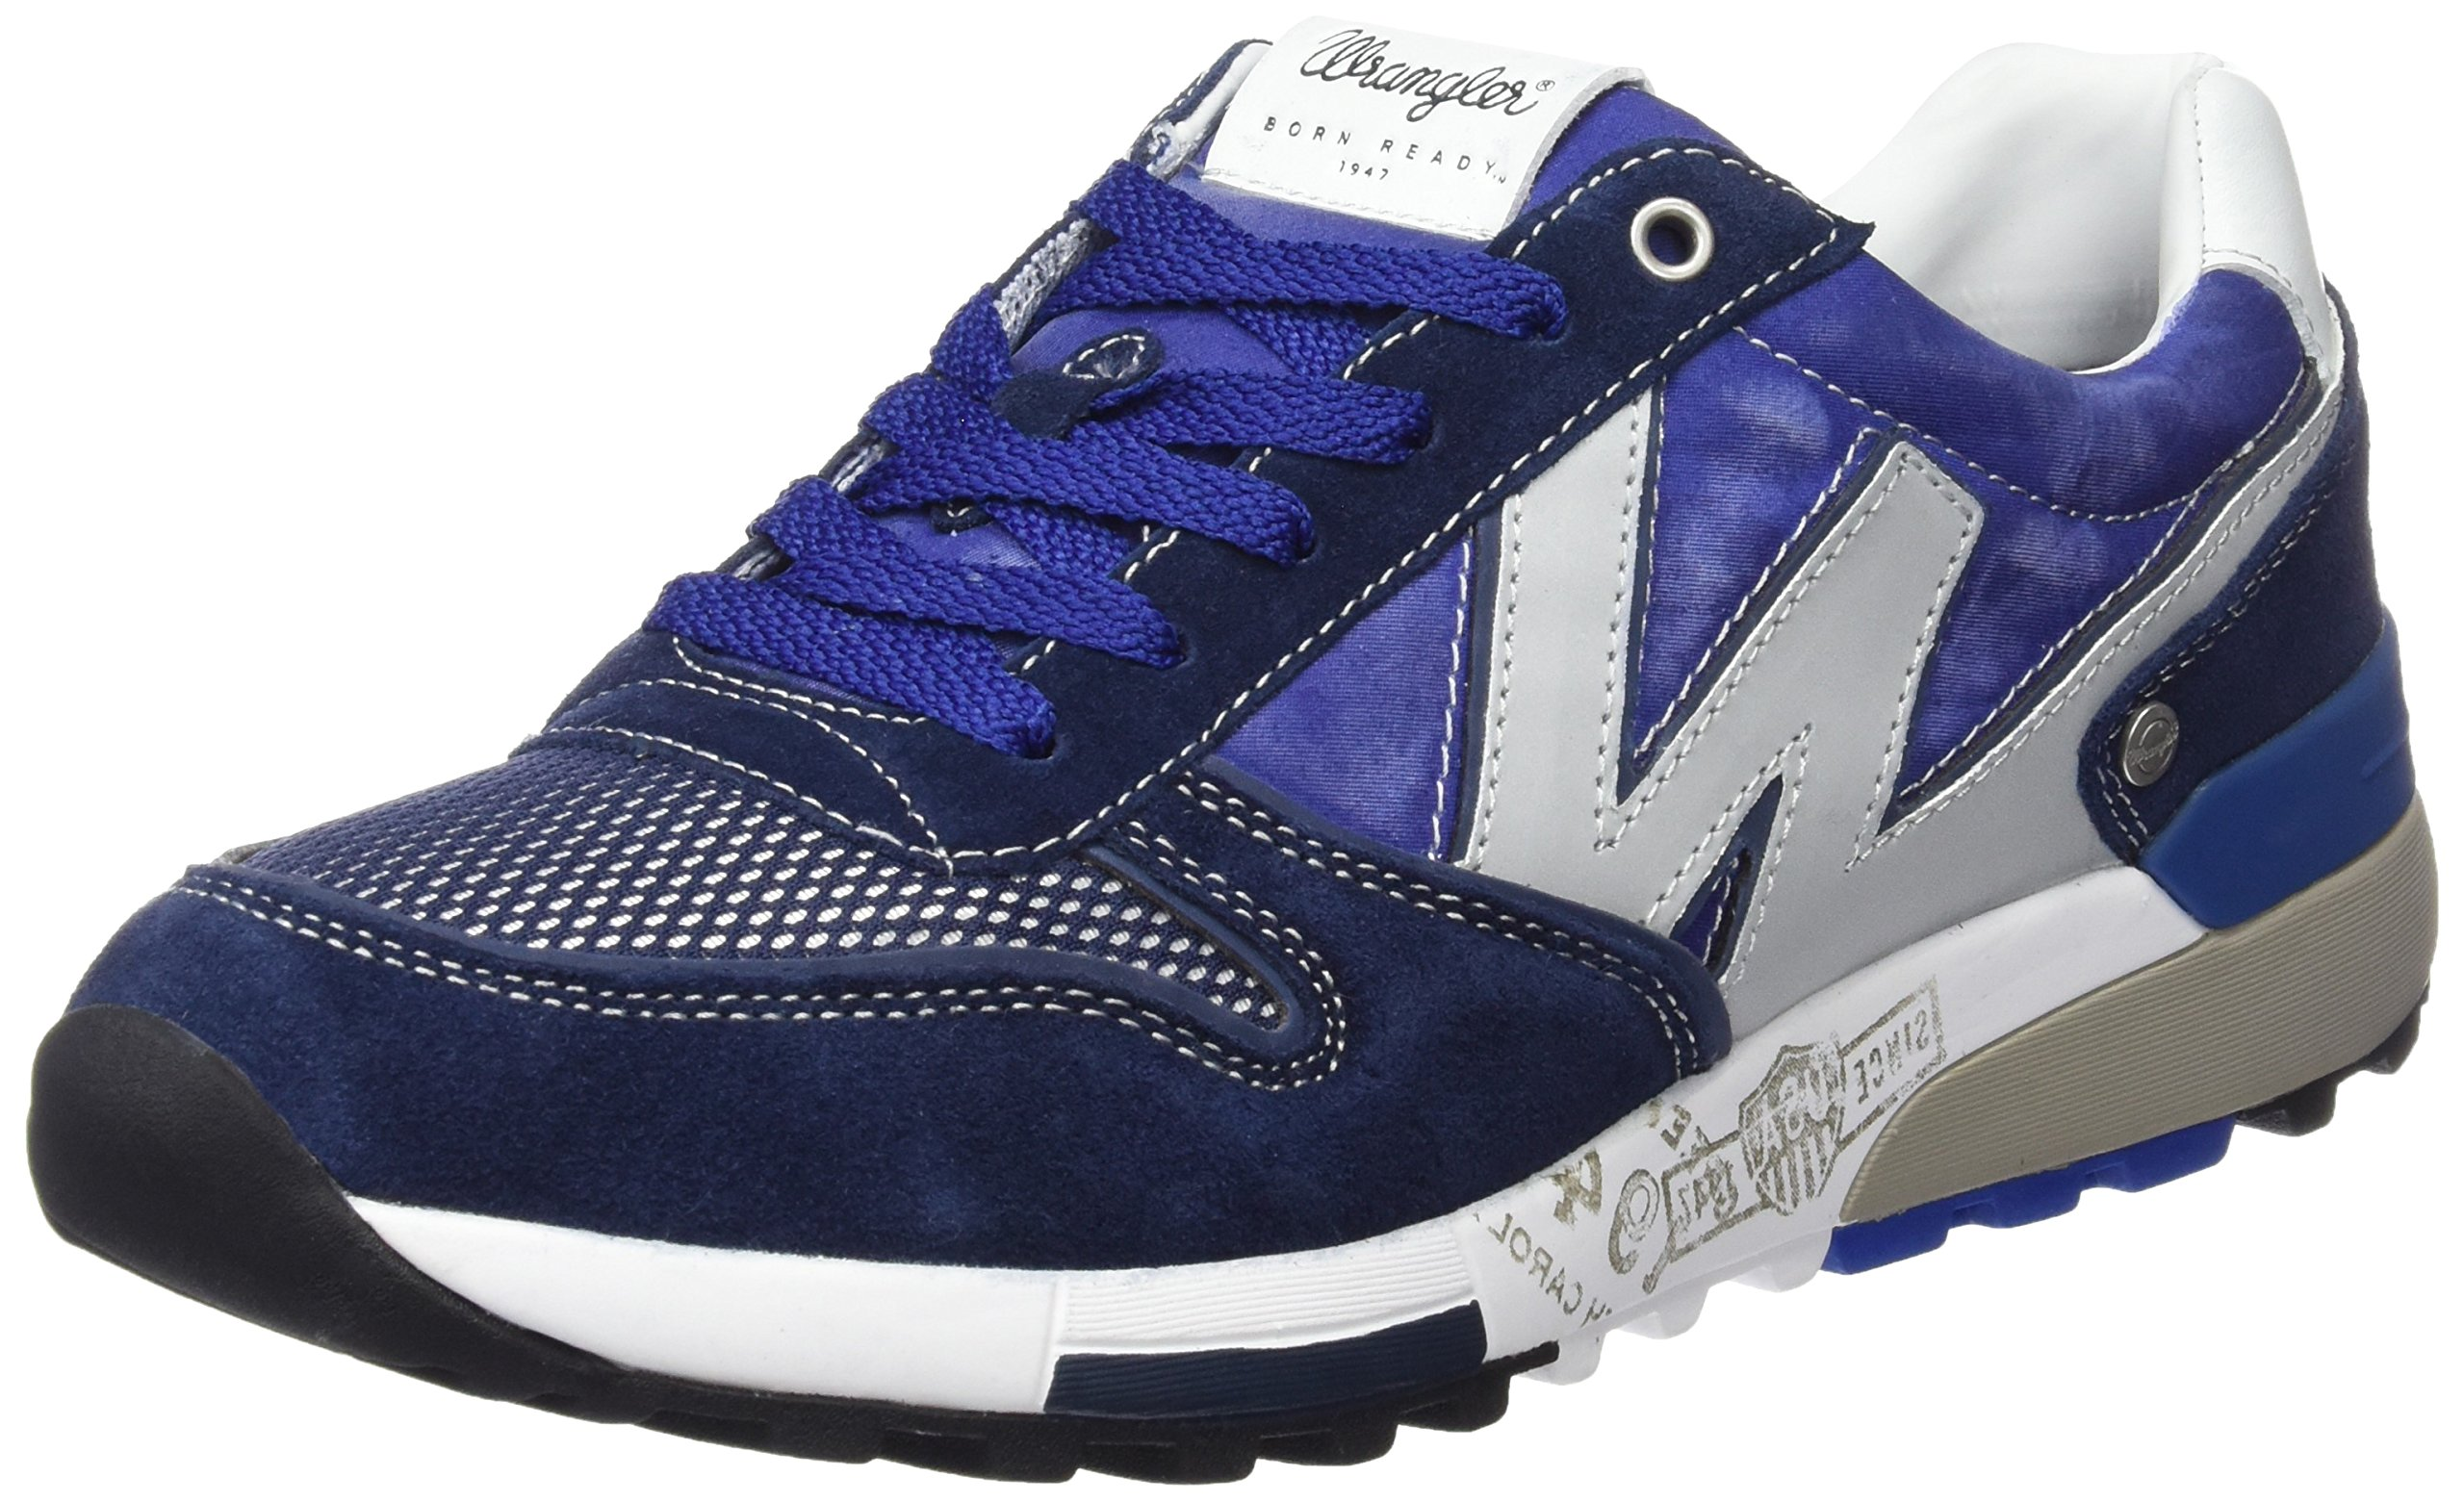 Wrangler DkNavy Blau353 HommeBleu royal45 SundaySneakers Basses 80ZkwOXNnP